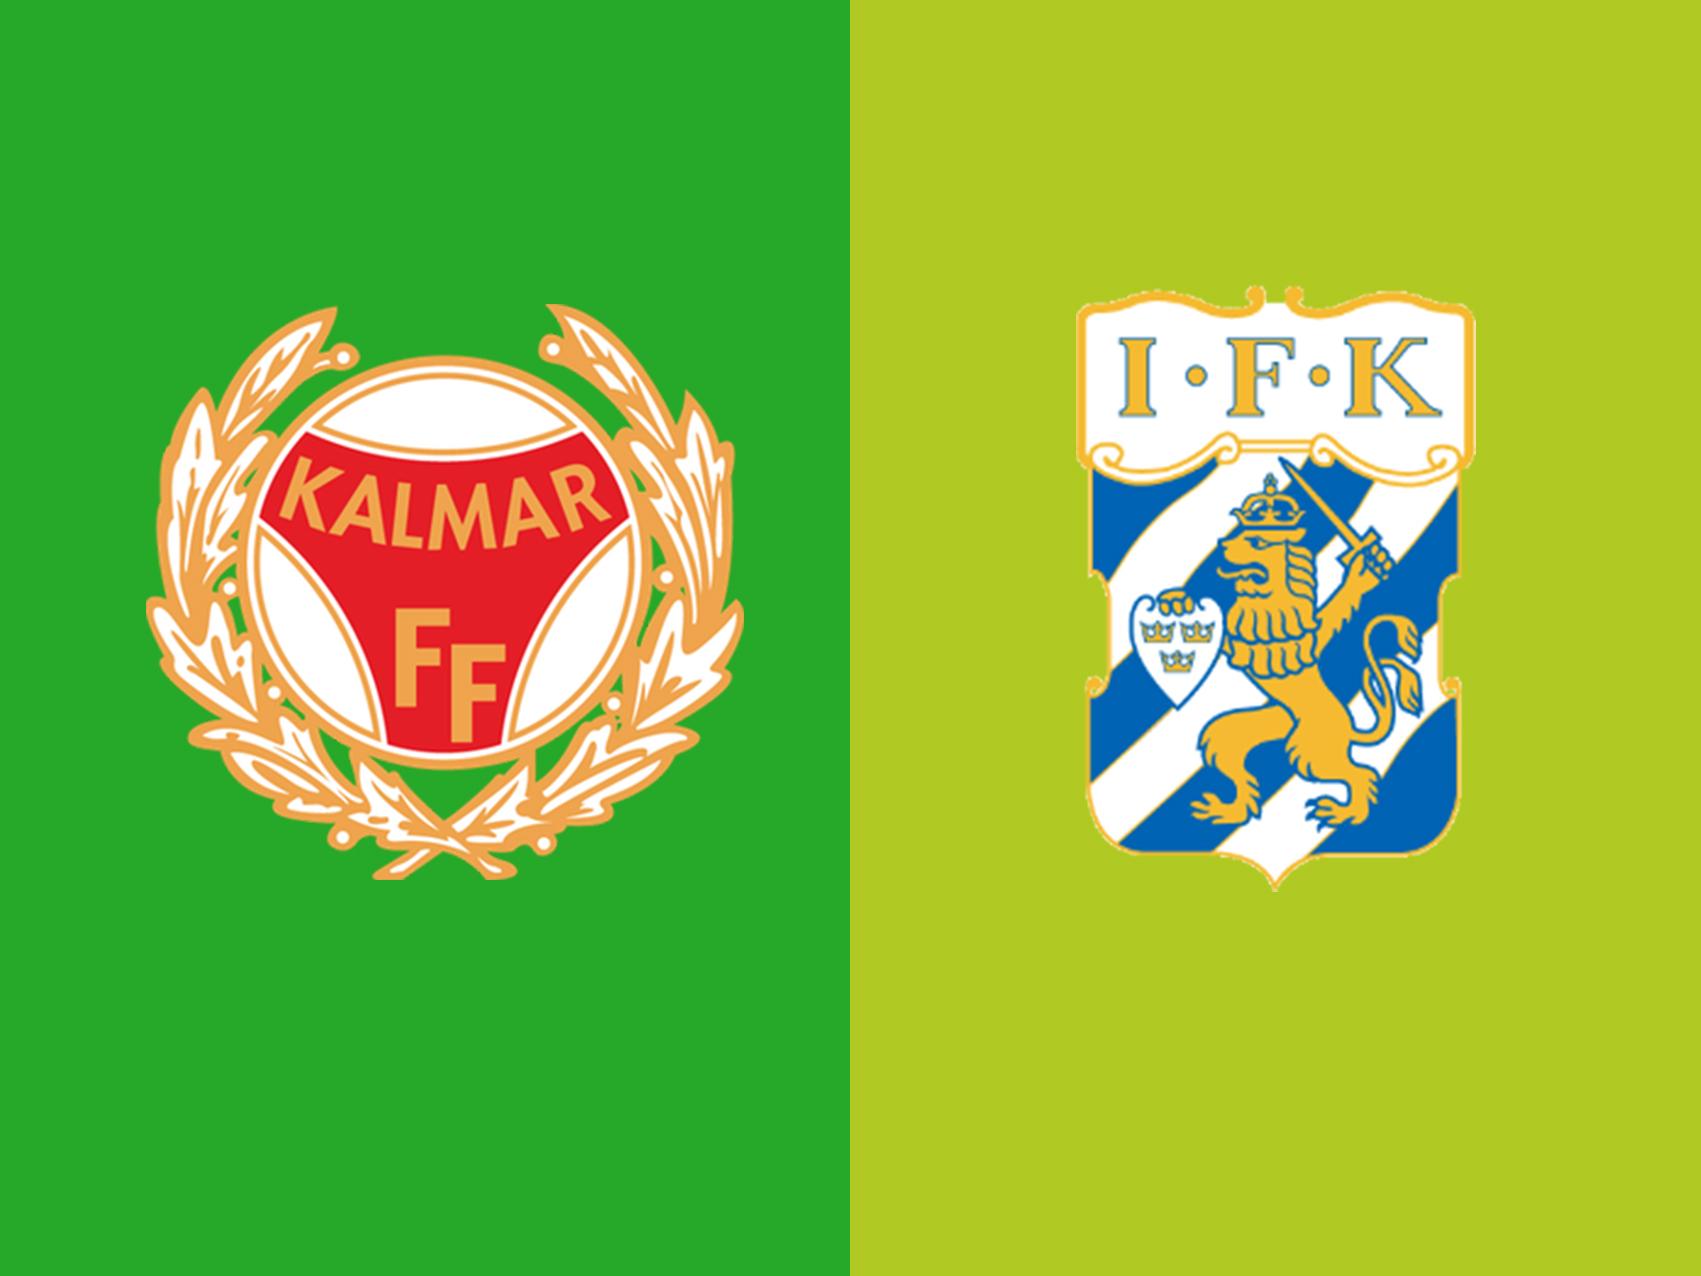 kalmar-vs-goteborg-tip-bong-da-26-4-2019 1